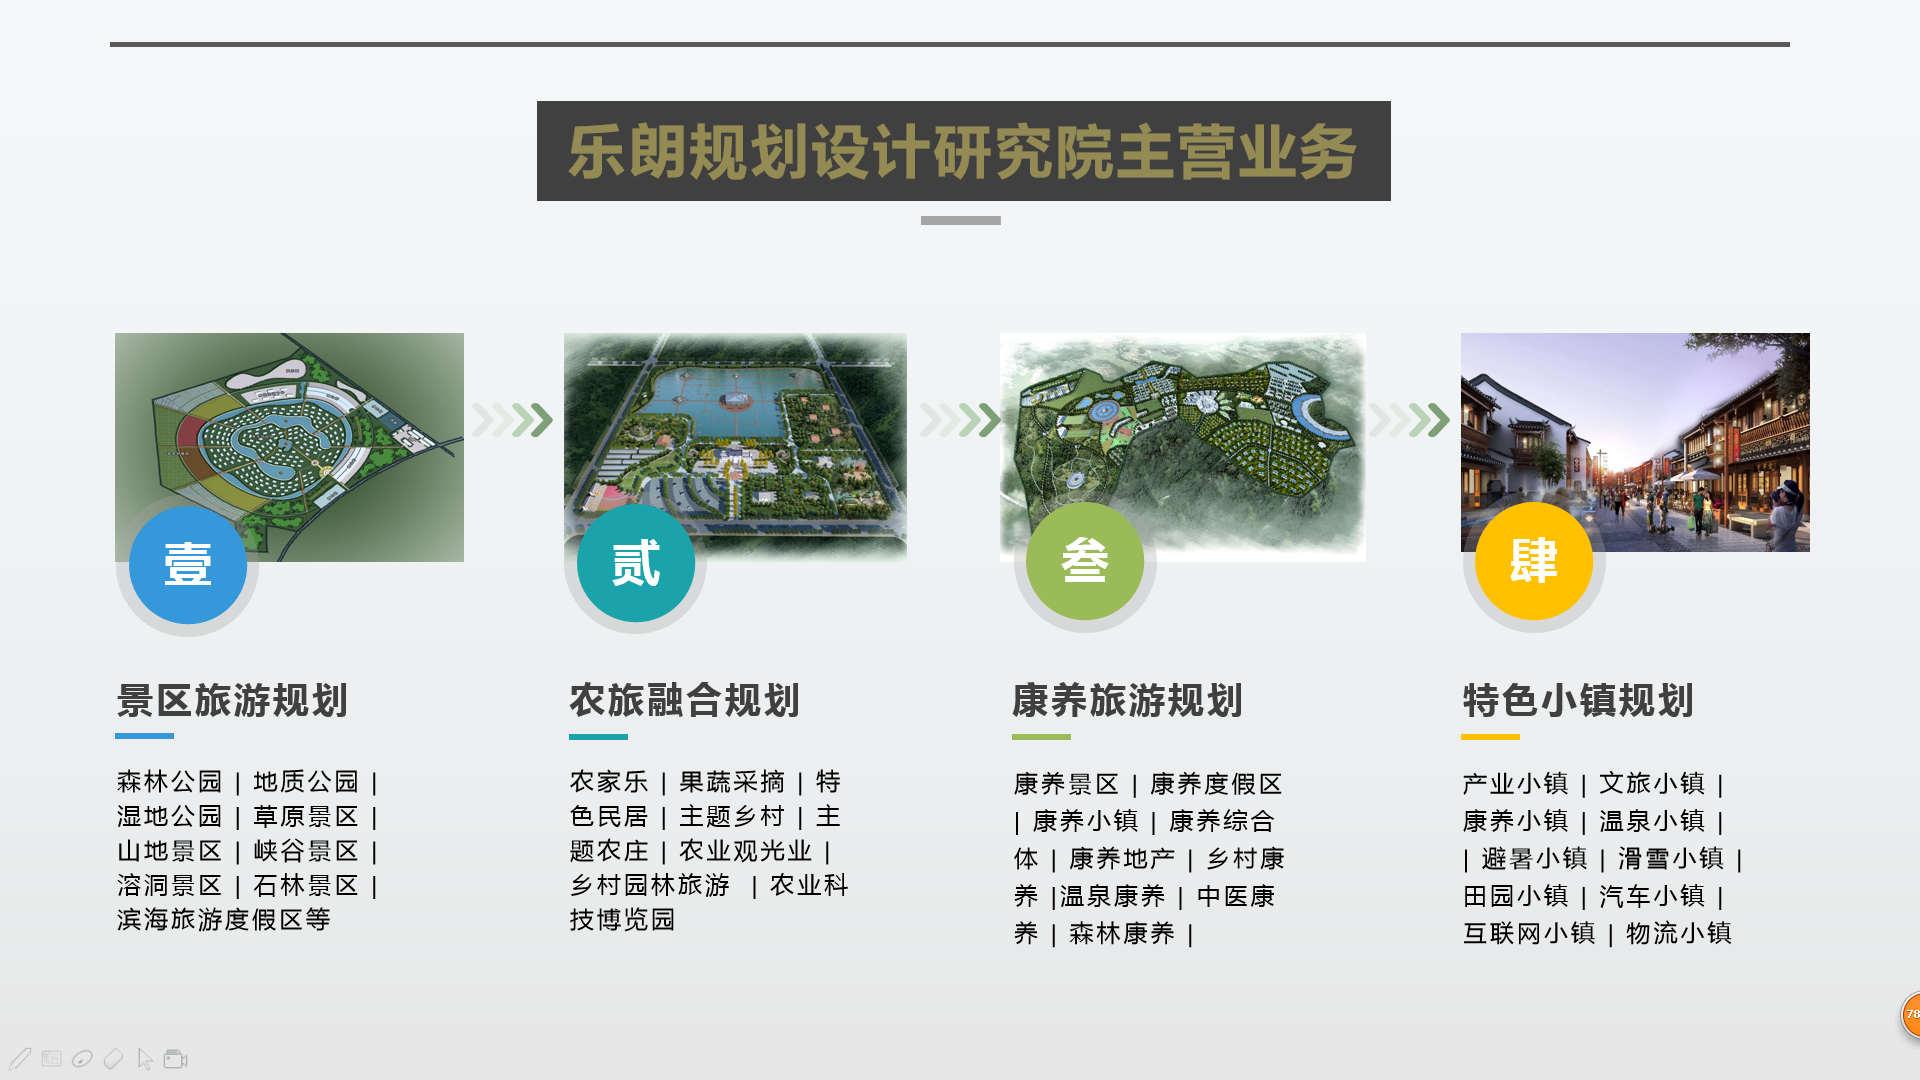 吐鲁番代写商业计划书编制概念规划设计2020年报价吐鲁番